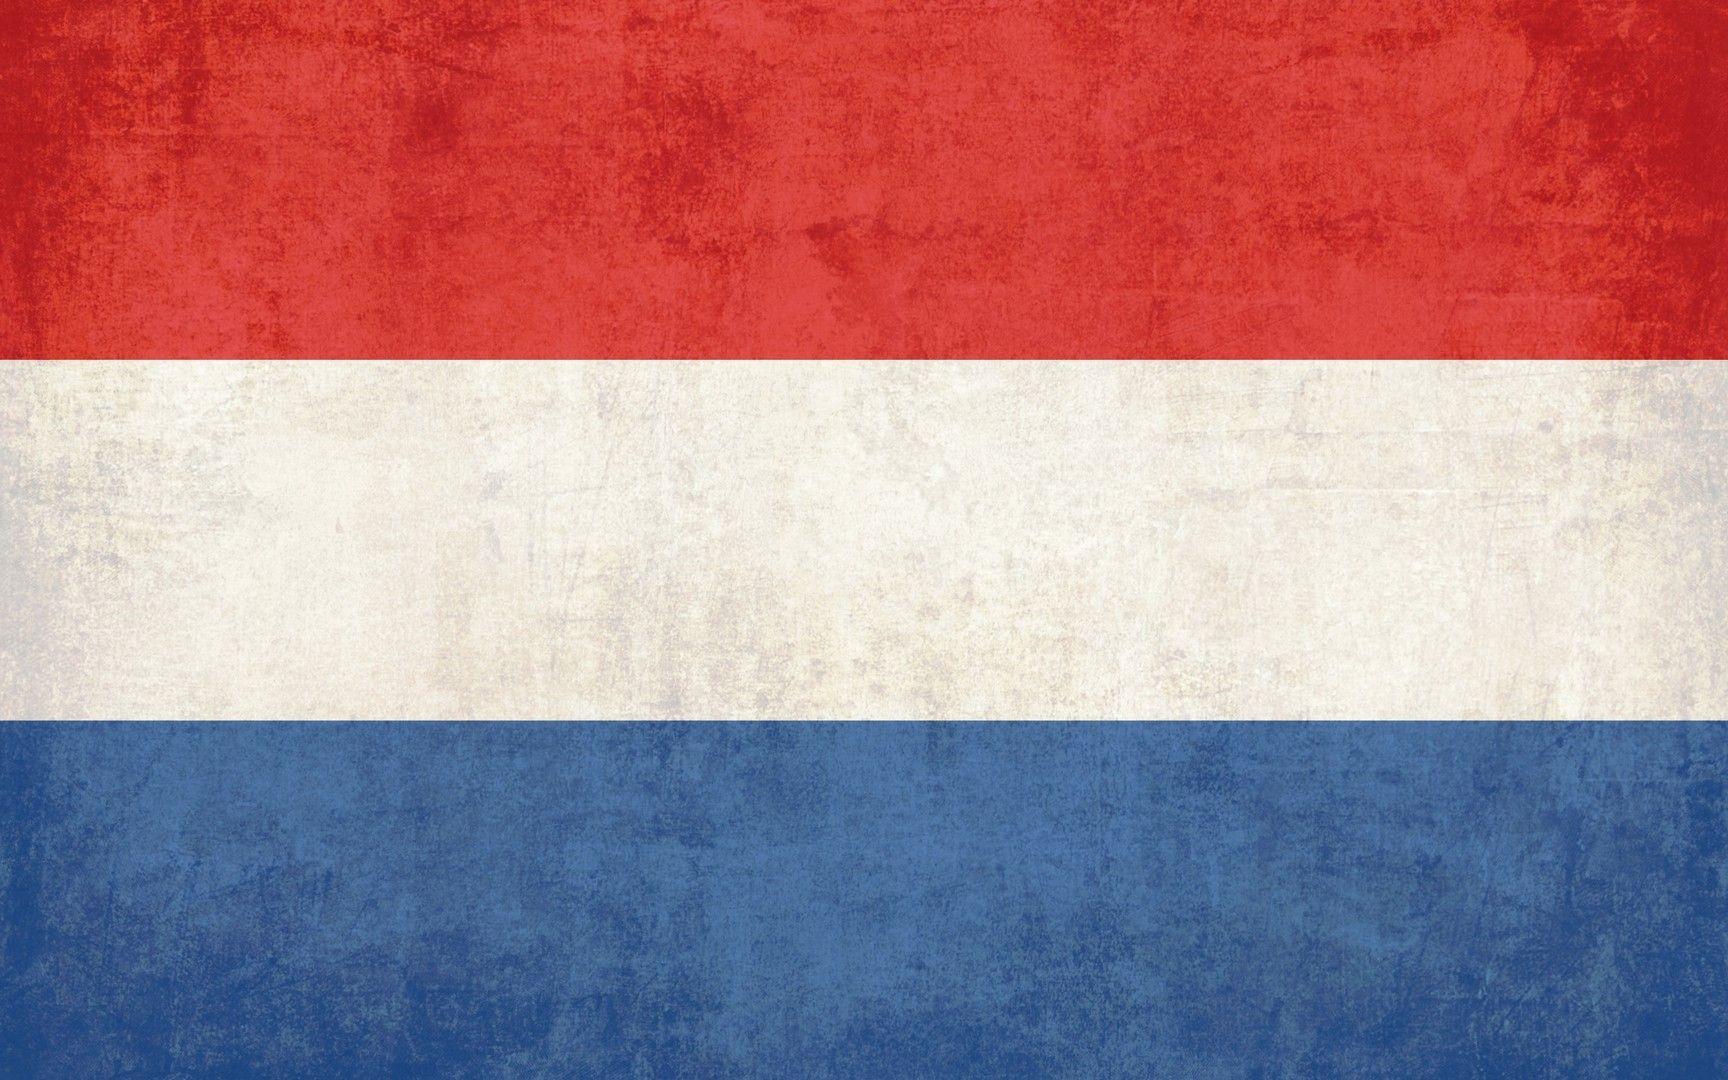 Flag Of The Netherlands Wallpaper Education Pinterest Flag